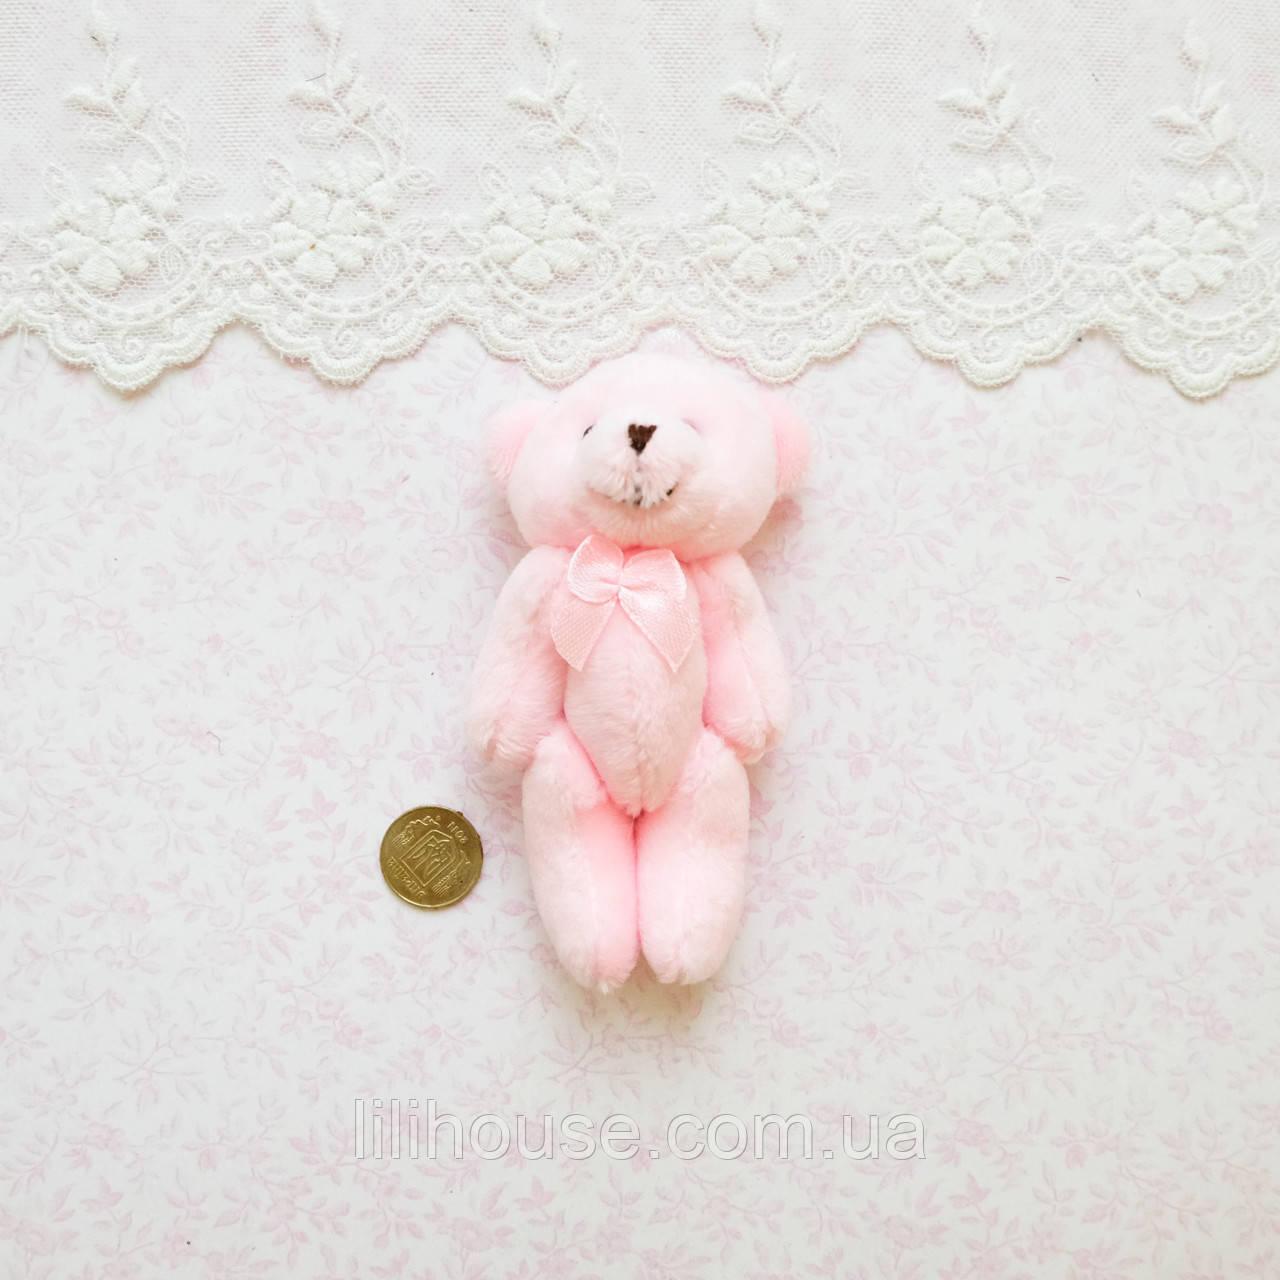 Мягкая Игрушка Медвежонок 9 см РОЗОВЫЙ